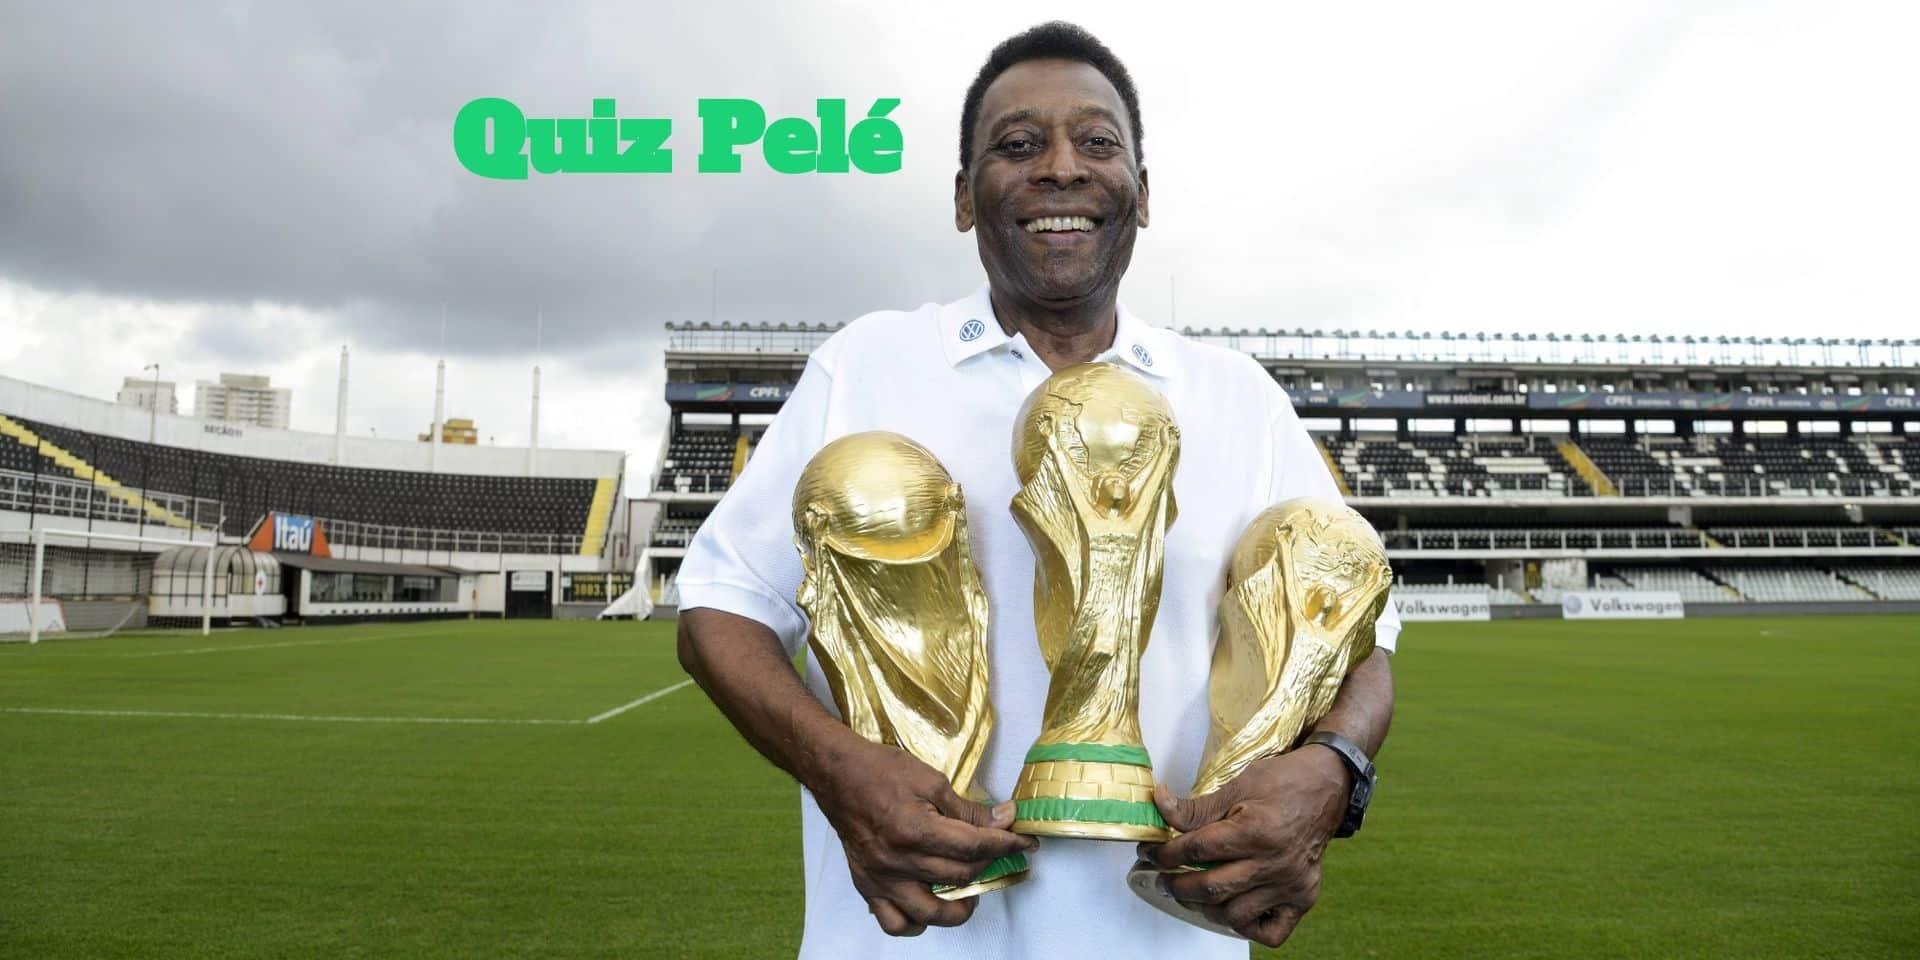 Quiz: connaissez-vous bien l'incroyable vie de Pelé, qui fête ses 80 ans ce vendredi